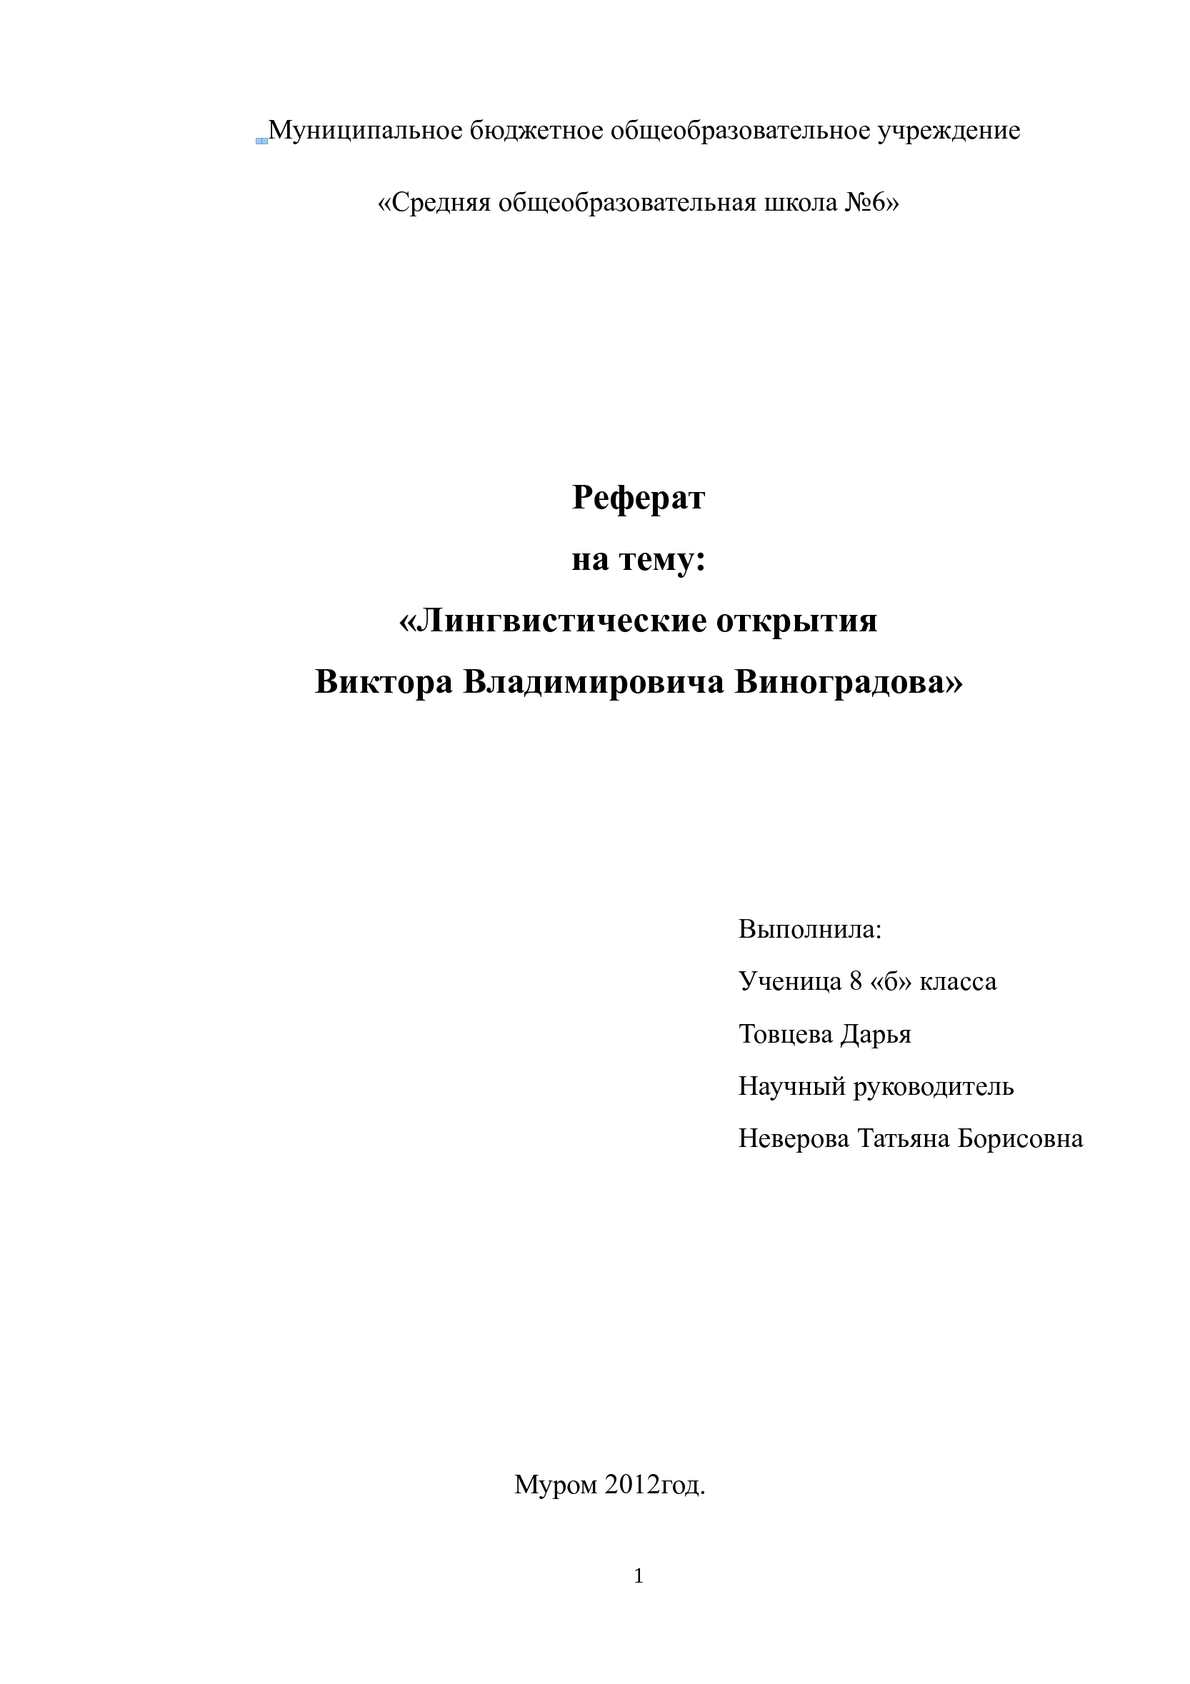 Реферат по современному русскому языку 9250